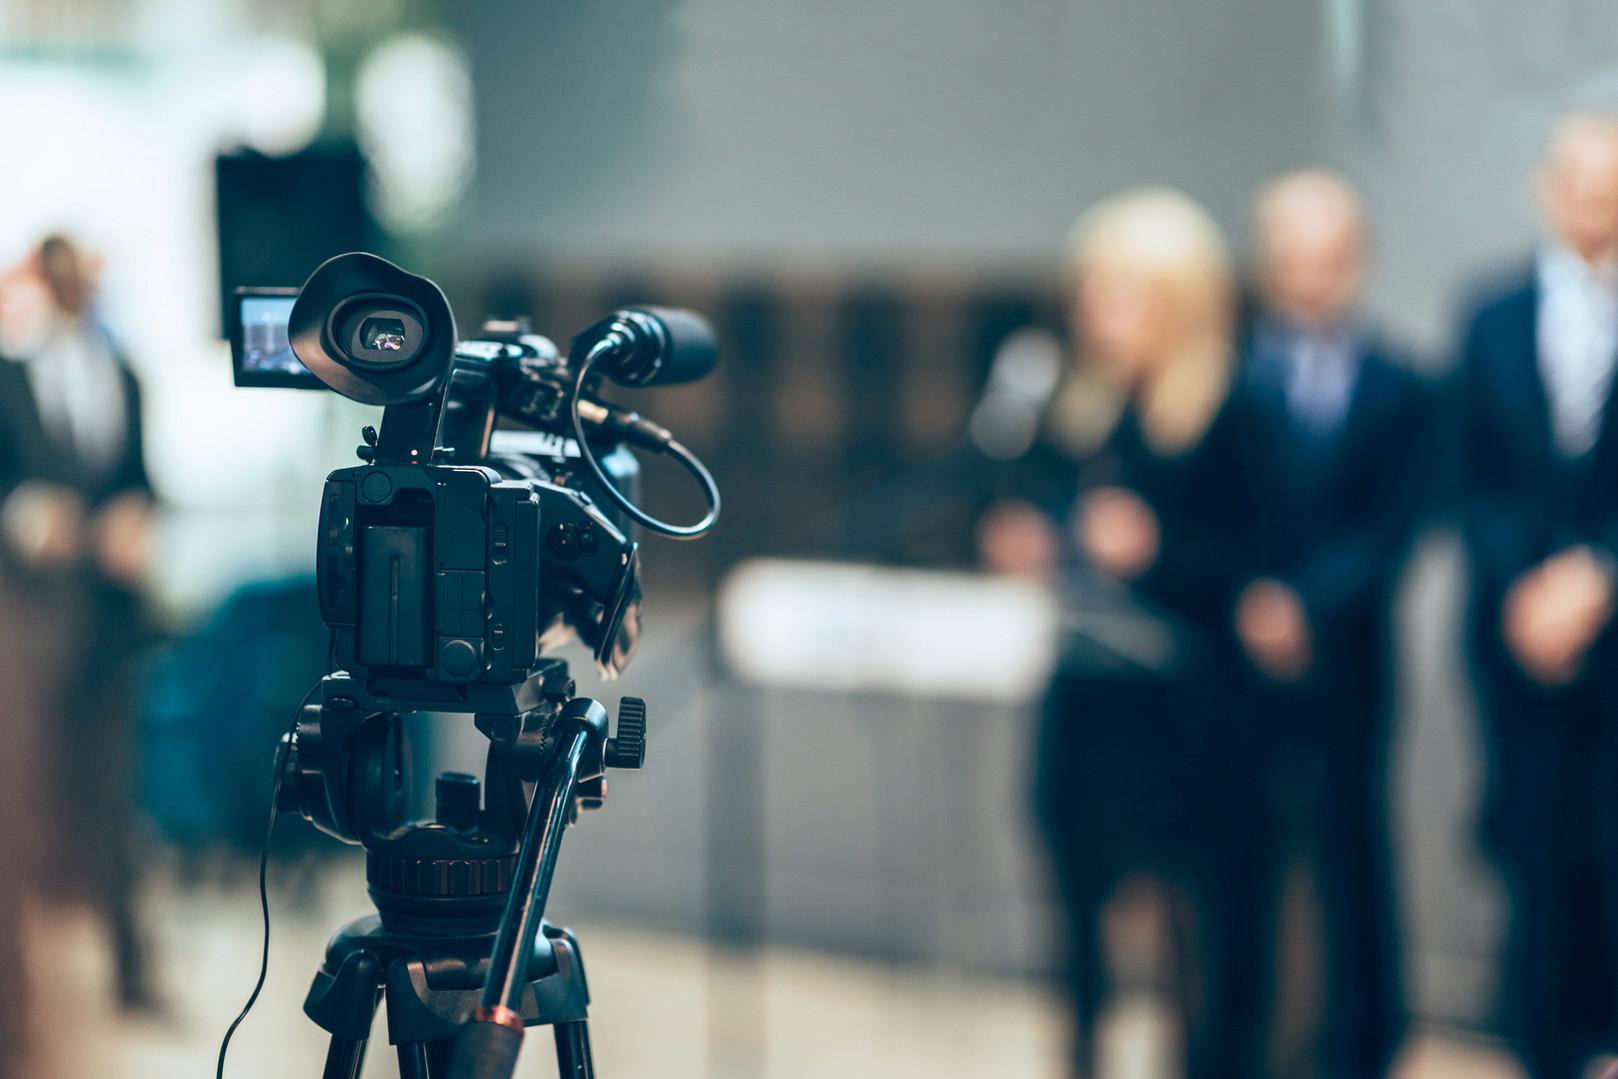 conferencia de la cámara en vivo